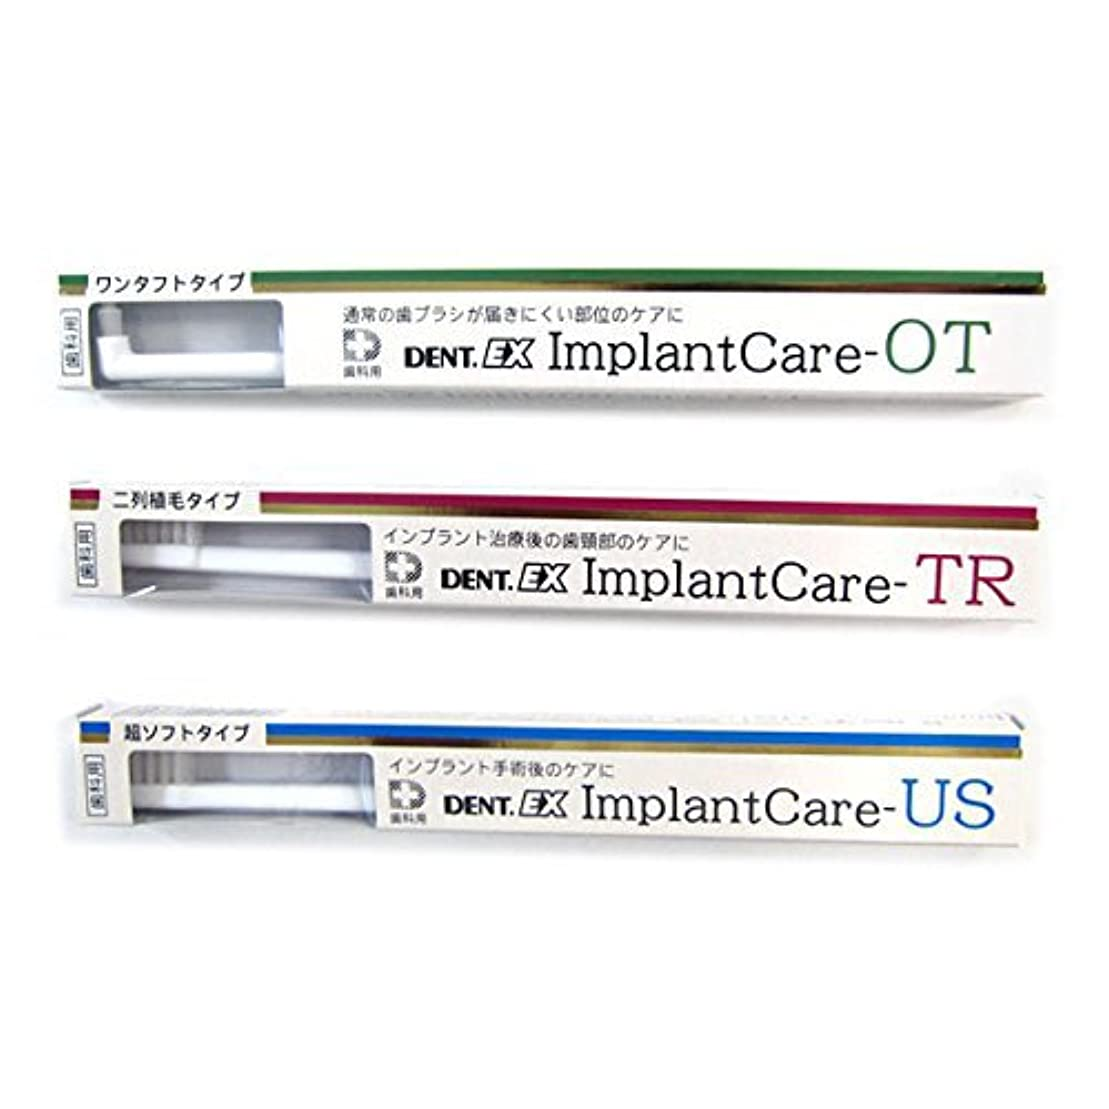 同時先入観ヒロインデント DENT EX ImplantCare インプラントケア 単品 TR(二列)